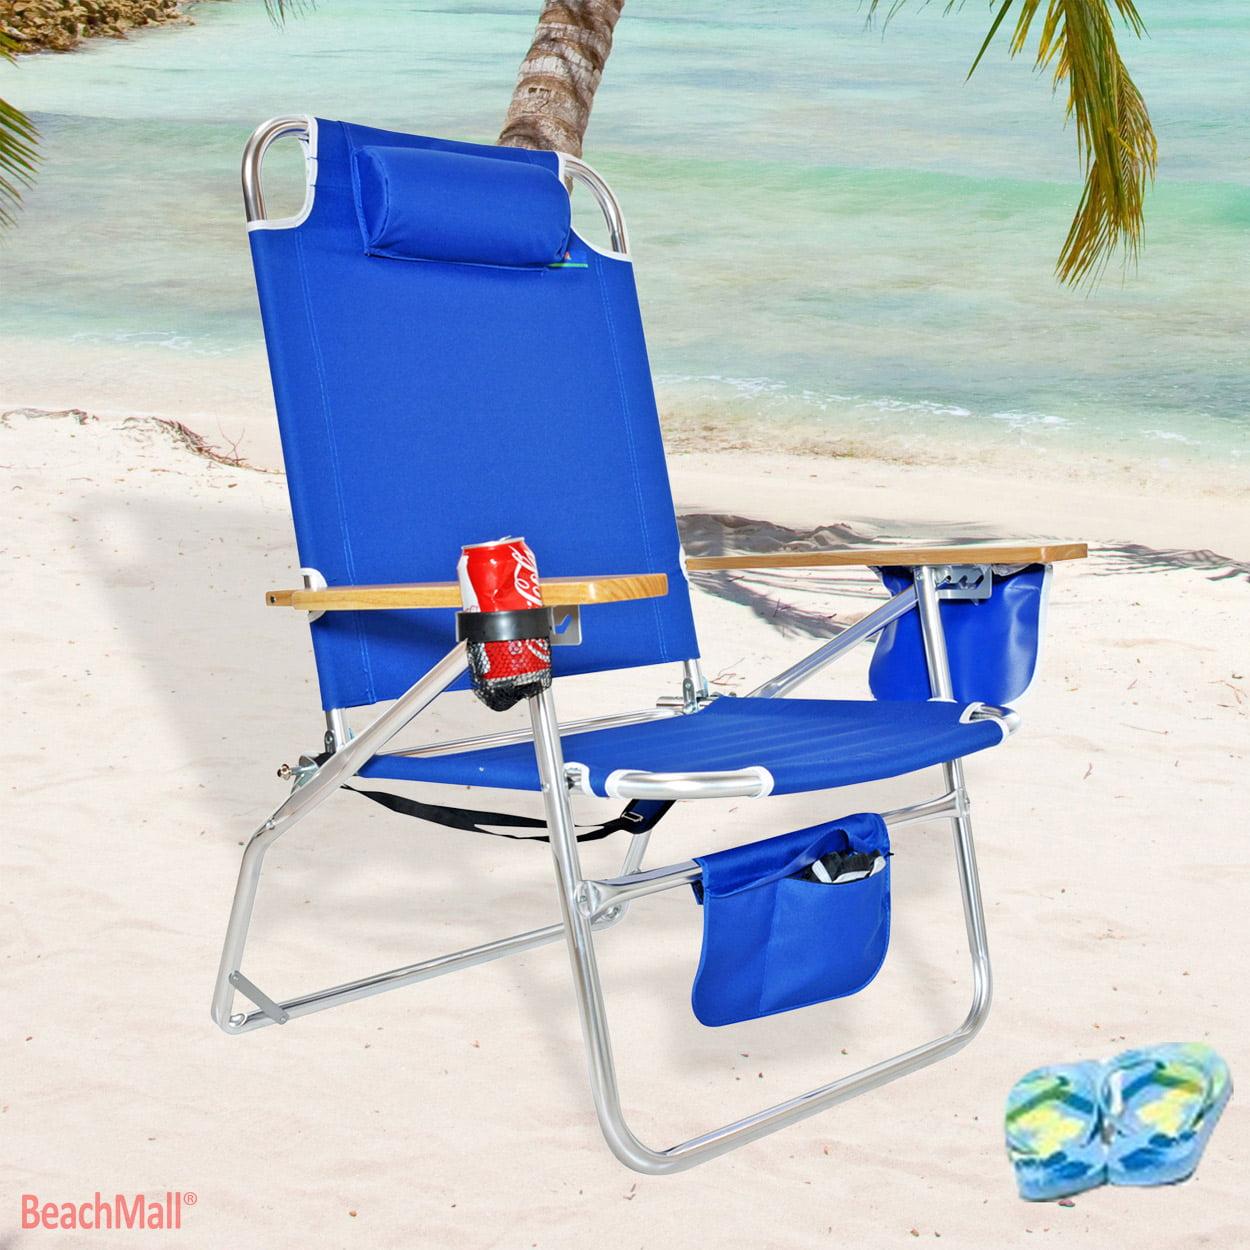 Big Jumbo Heavy Duty 500 lbs XL Aluminum Beach Chair for Big u0026 Tall - Walmart.com  sc 1 st  Walmart & Big Jumbo Heavy Duty 500 lbs XL Aluminum Beach Chair for Big u0026 Tall ...